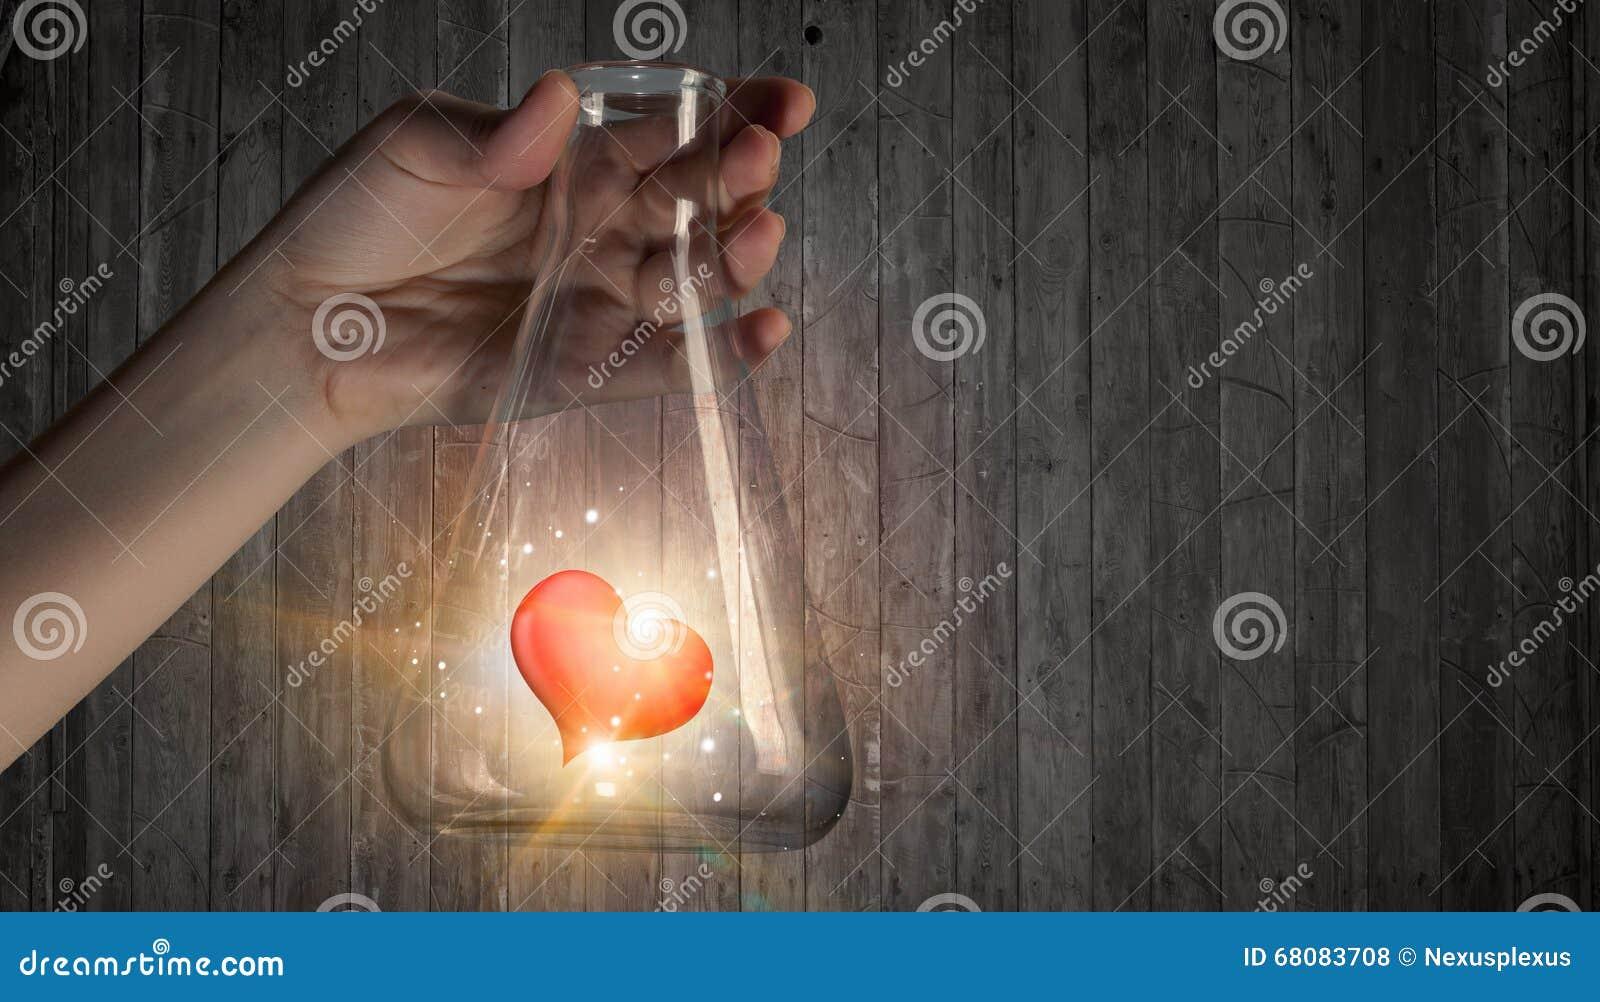 Chimica Di Passione E Di Amore Fotografia Stock Immagine Di